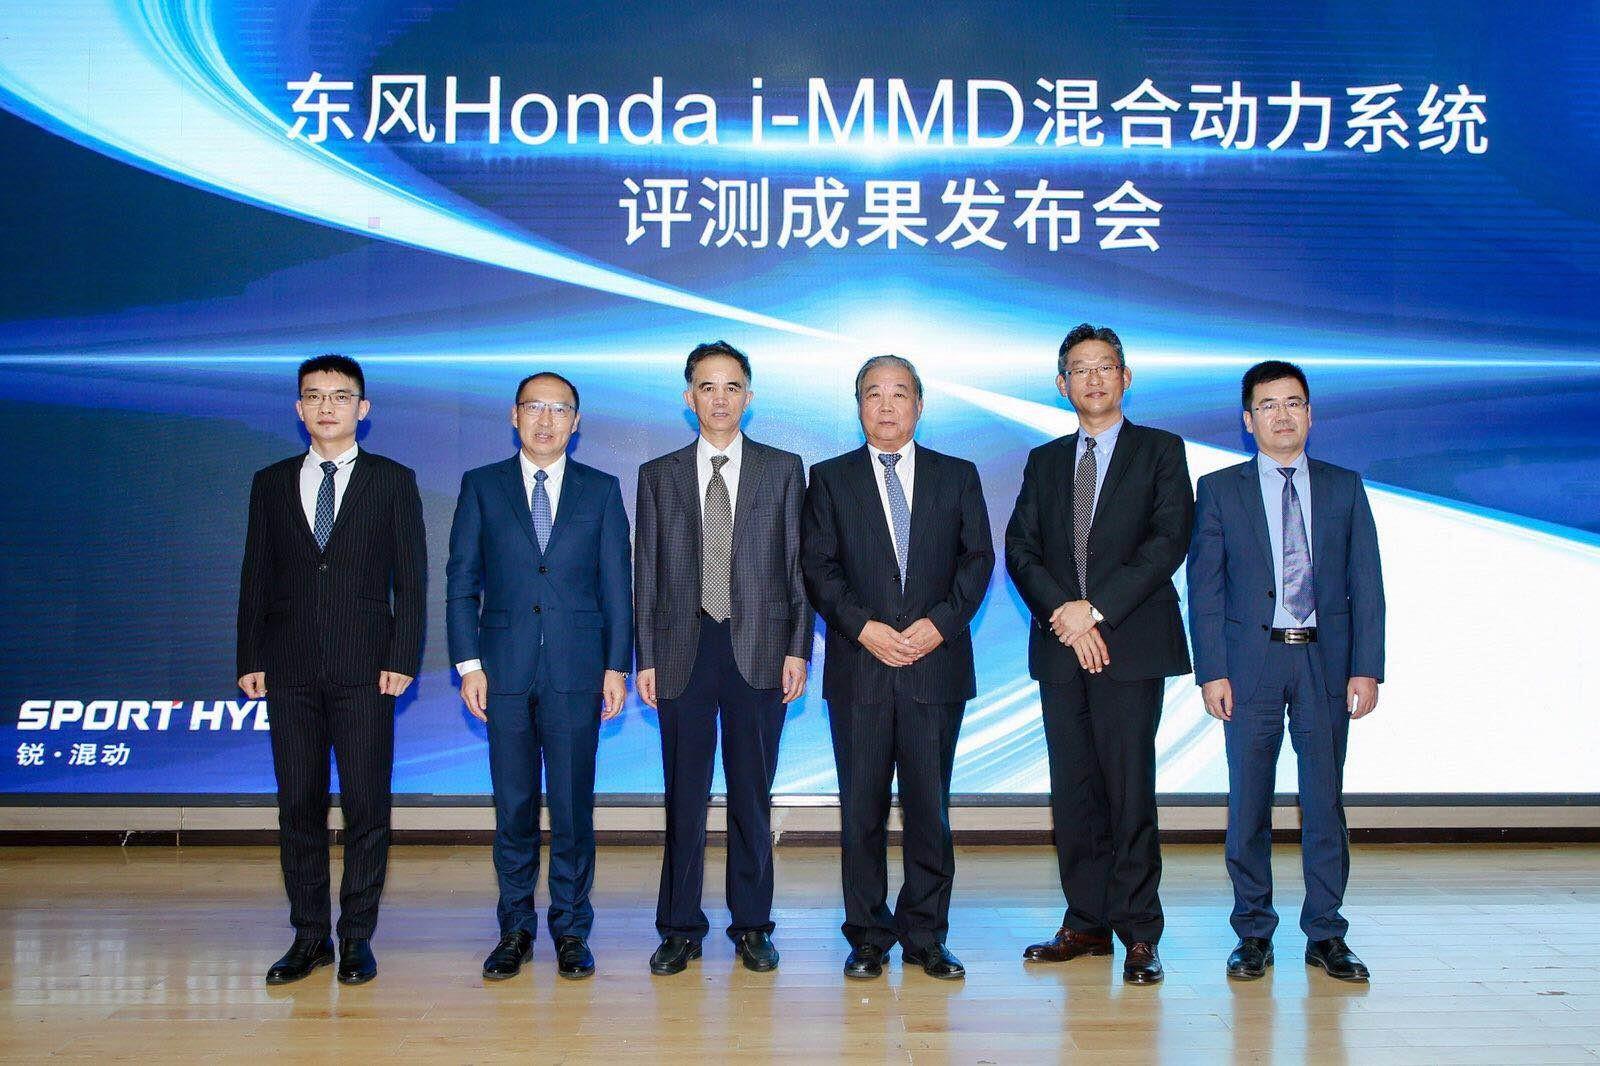 北理工深度评测 东风本田i-MMD混动系统性能出色